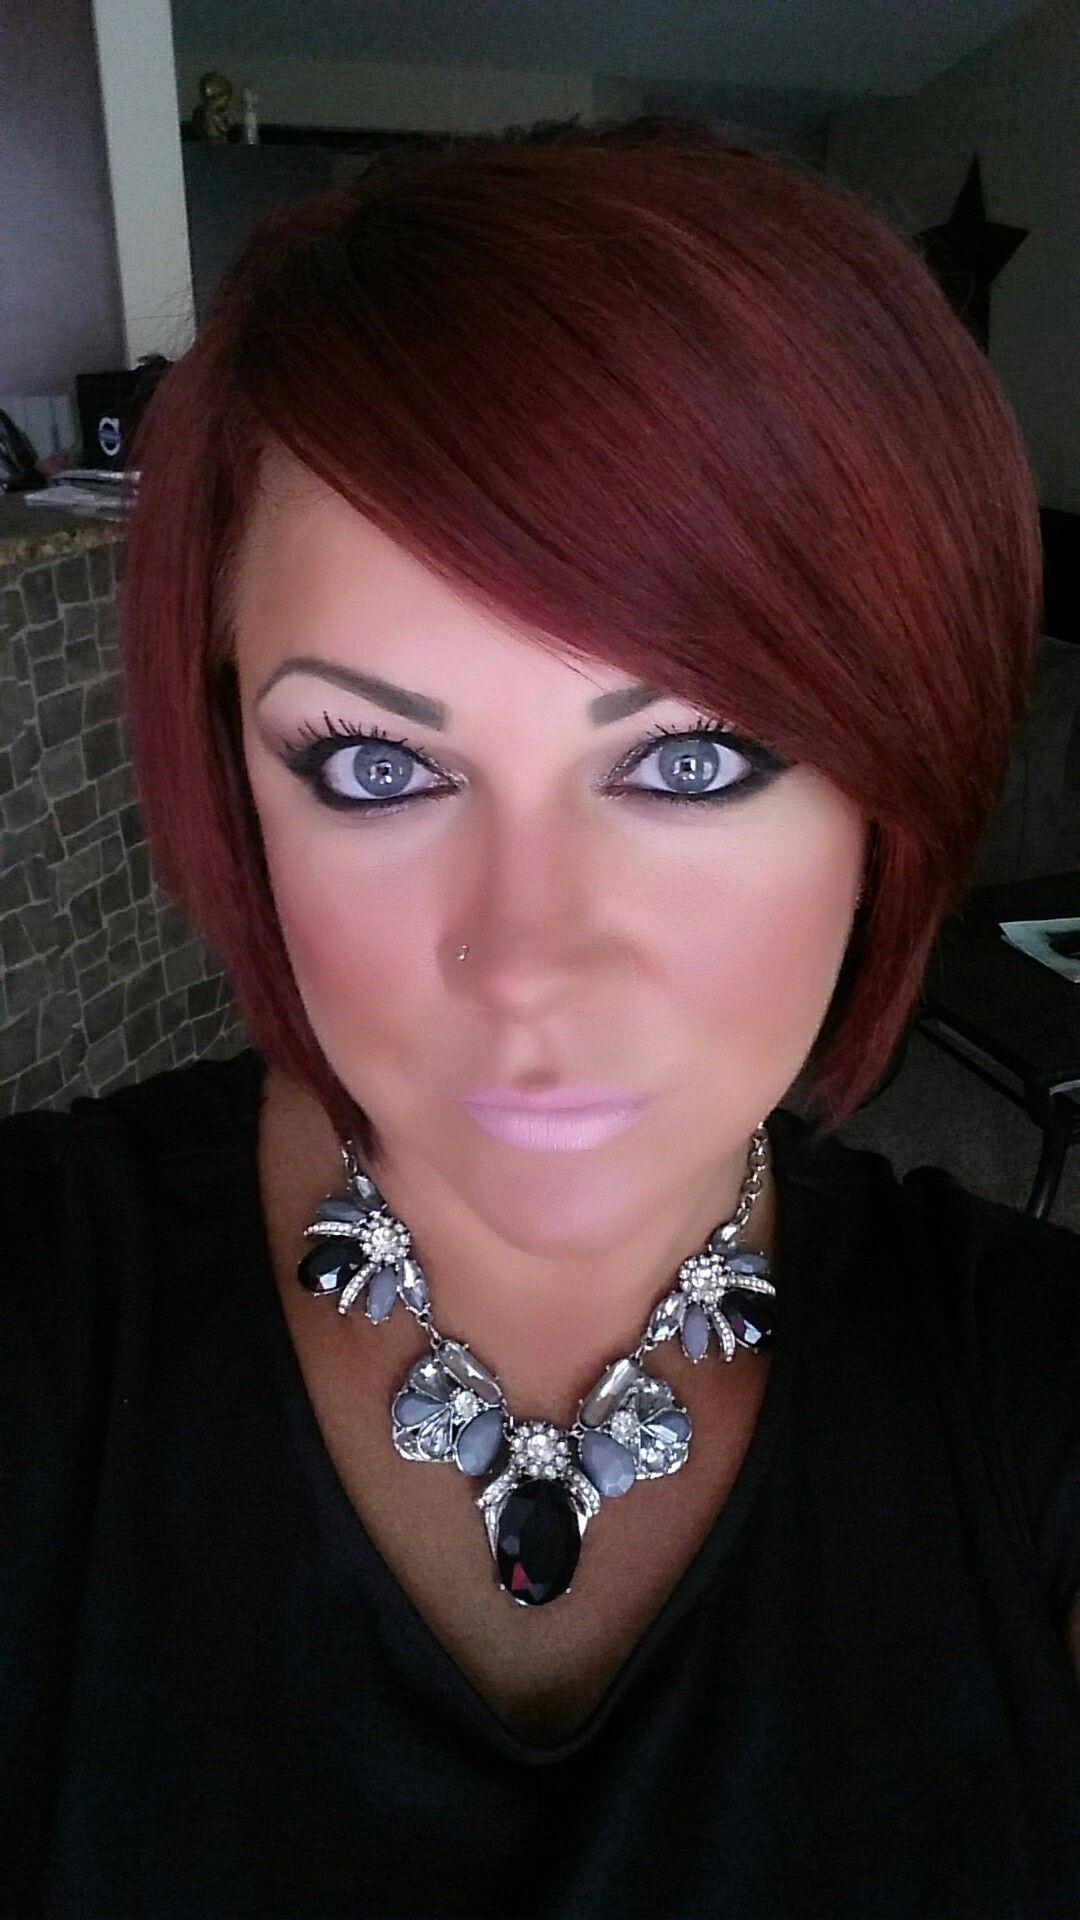 door Redhead girl next